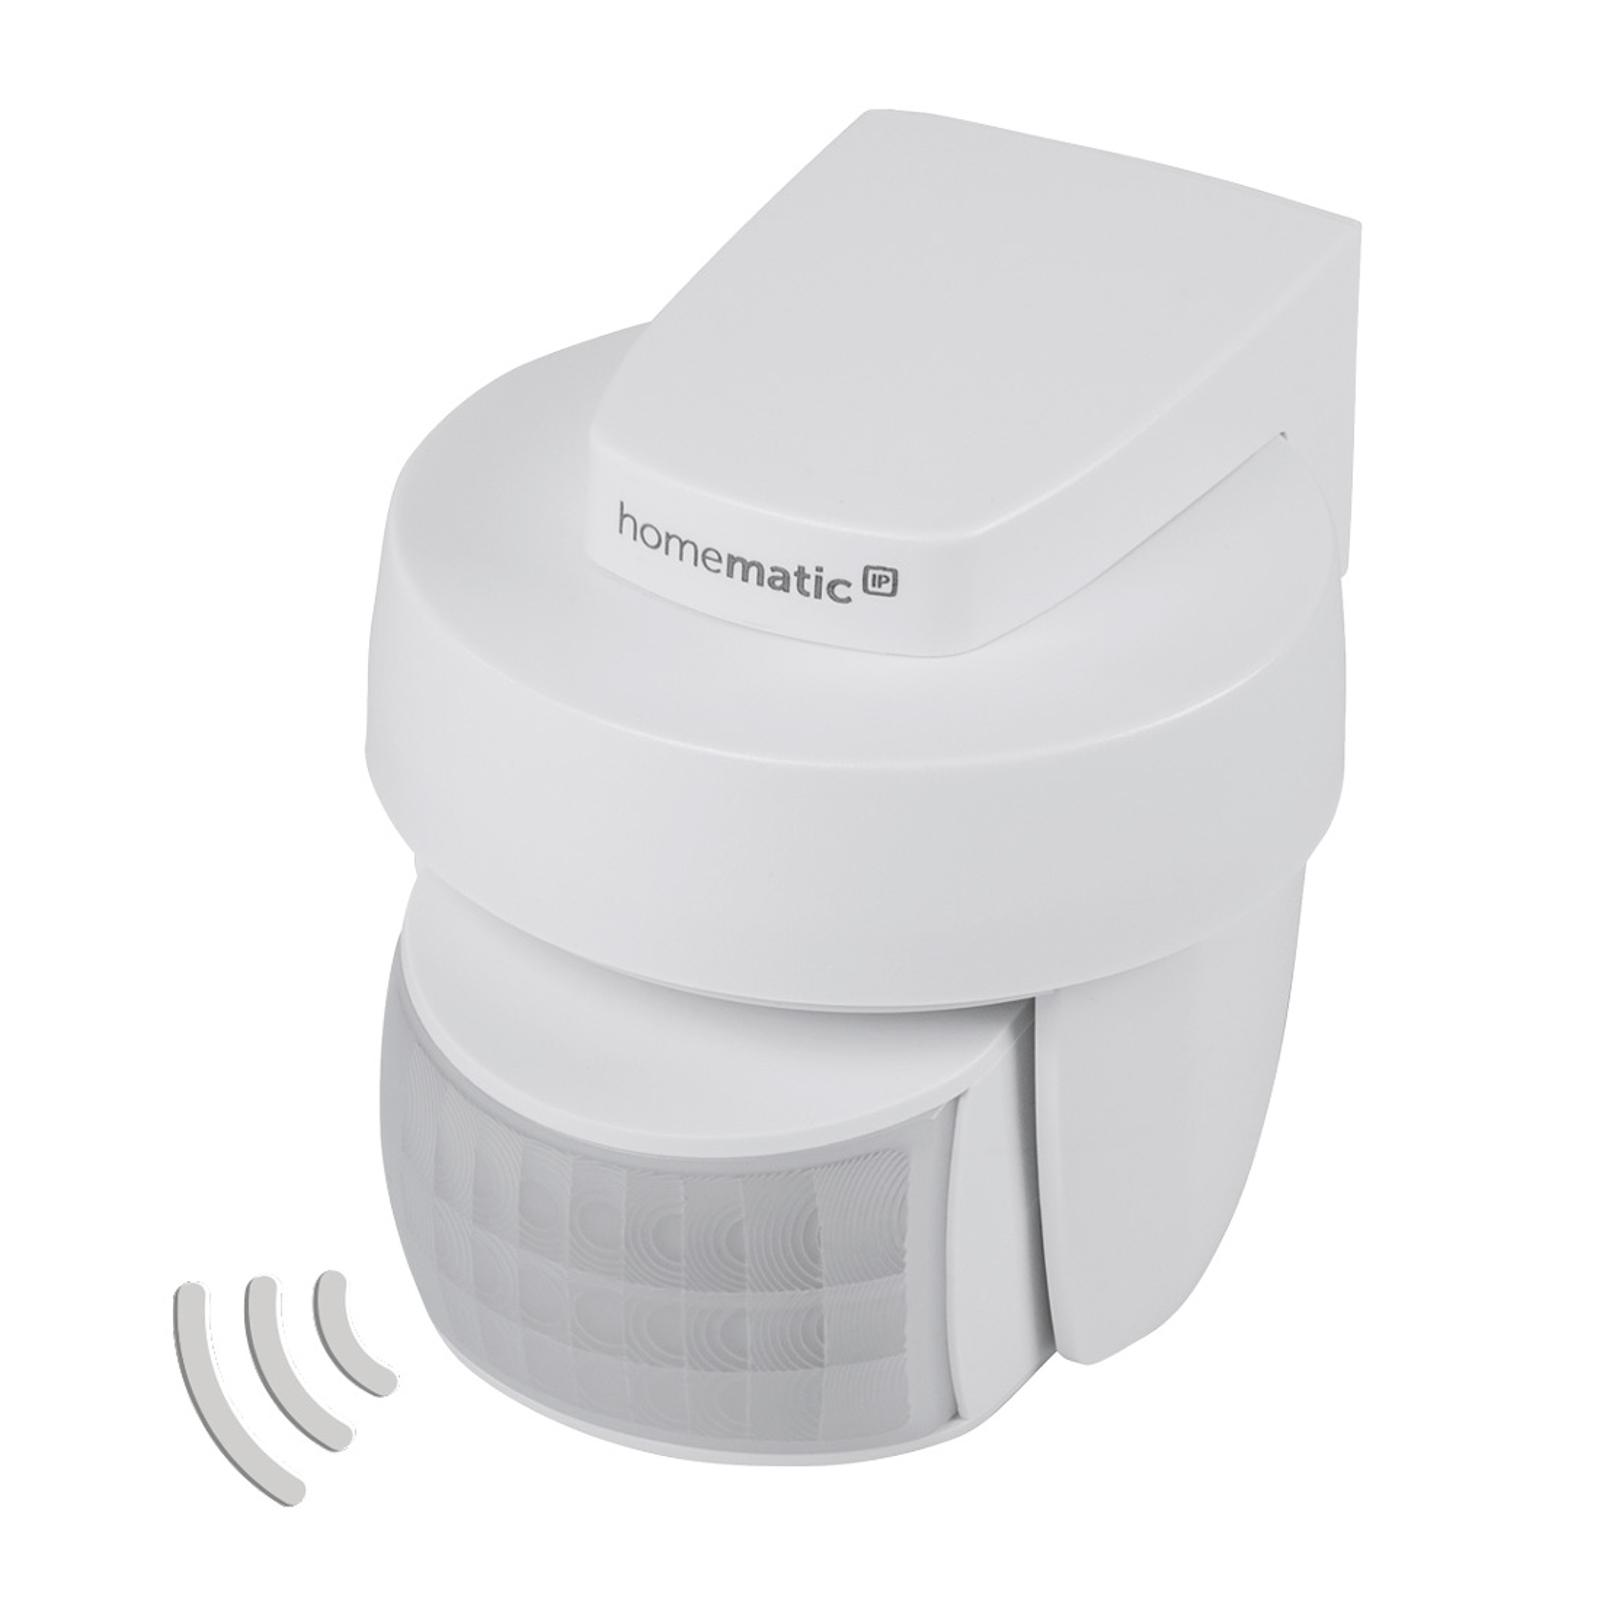 Homematic IP capteur mouvement/crépusculaire blanc